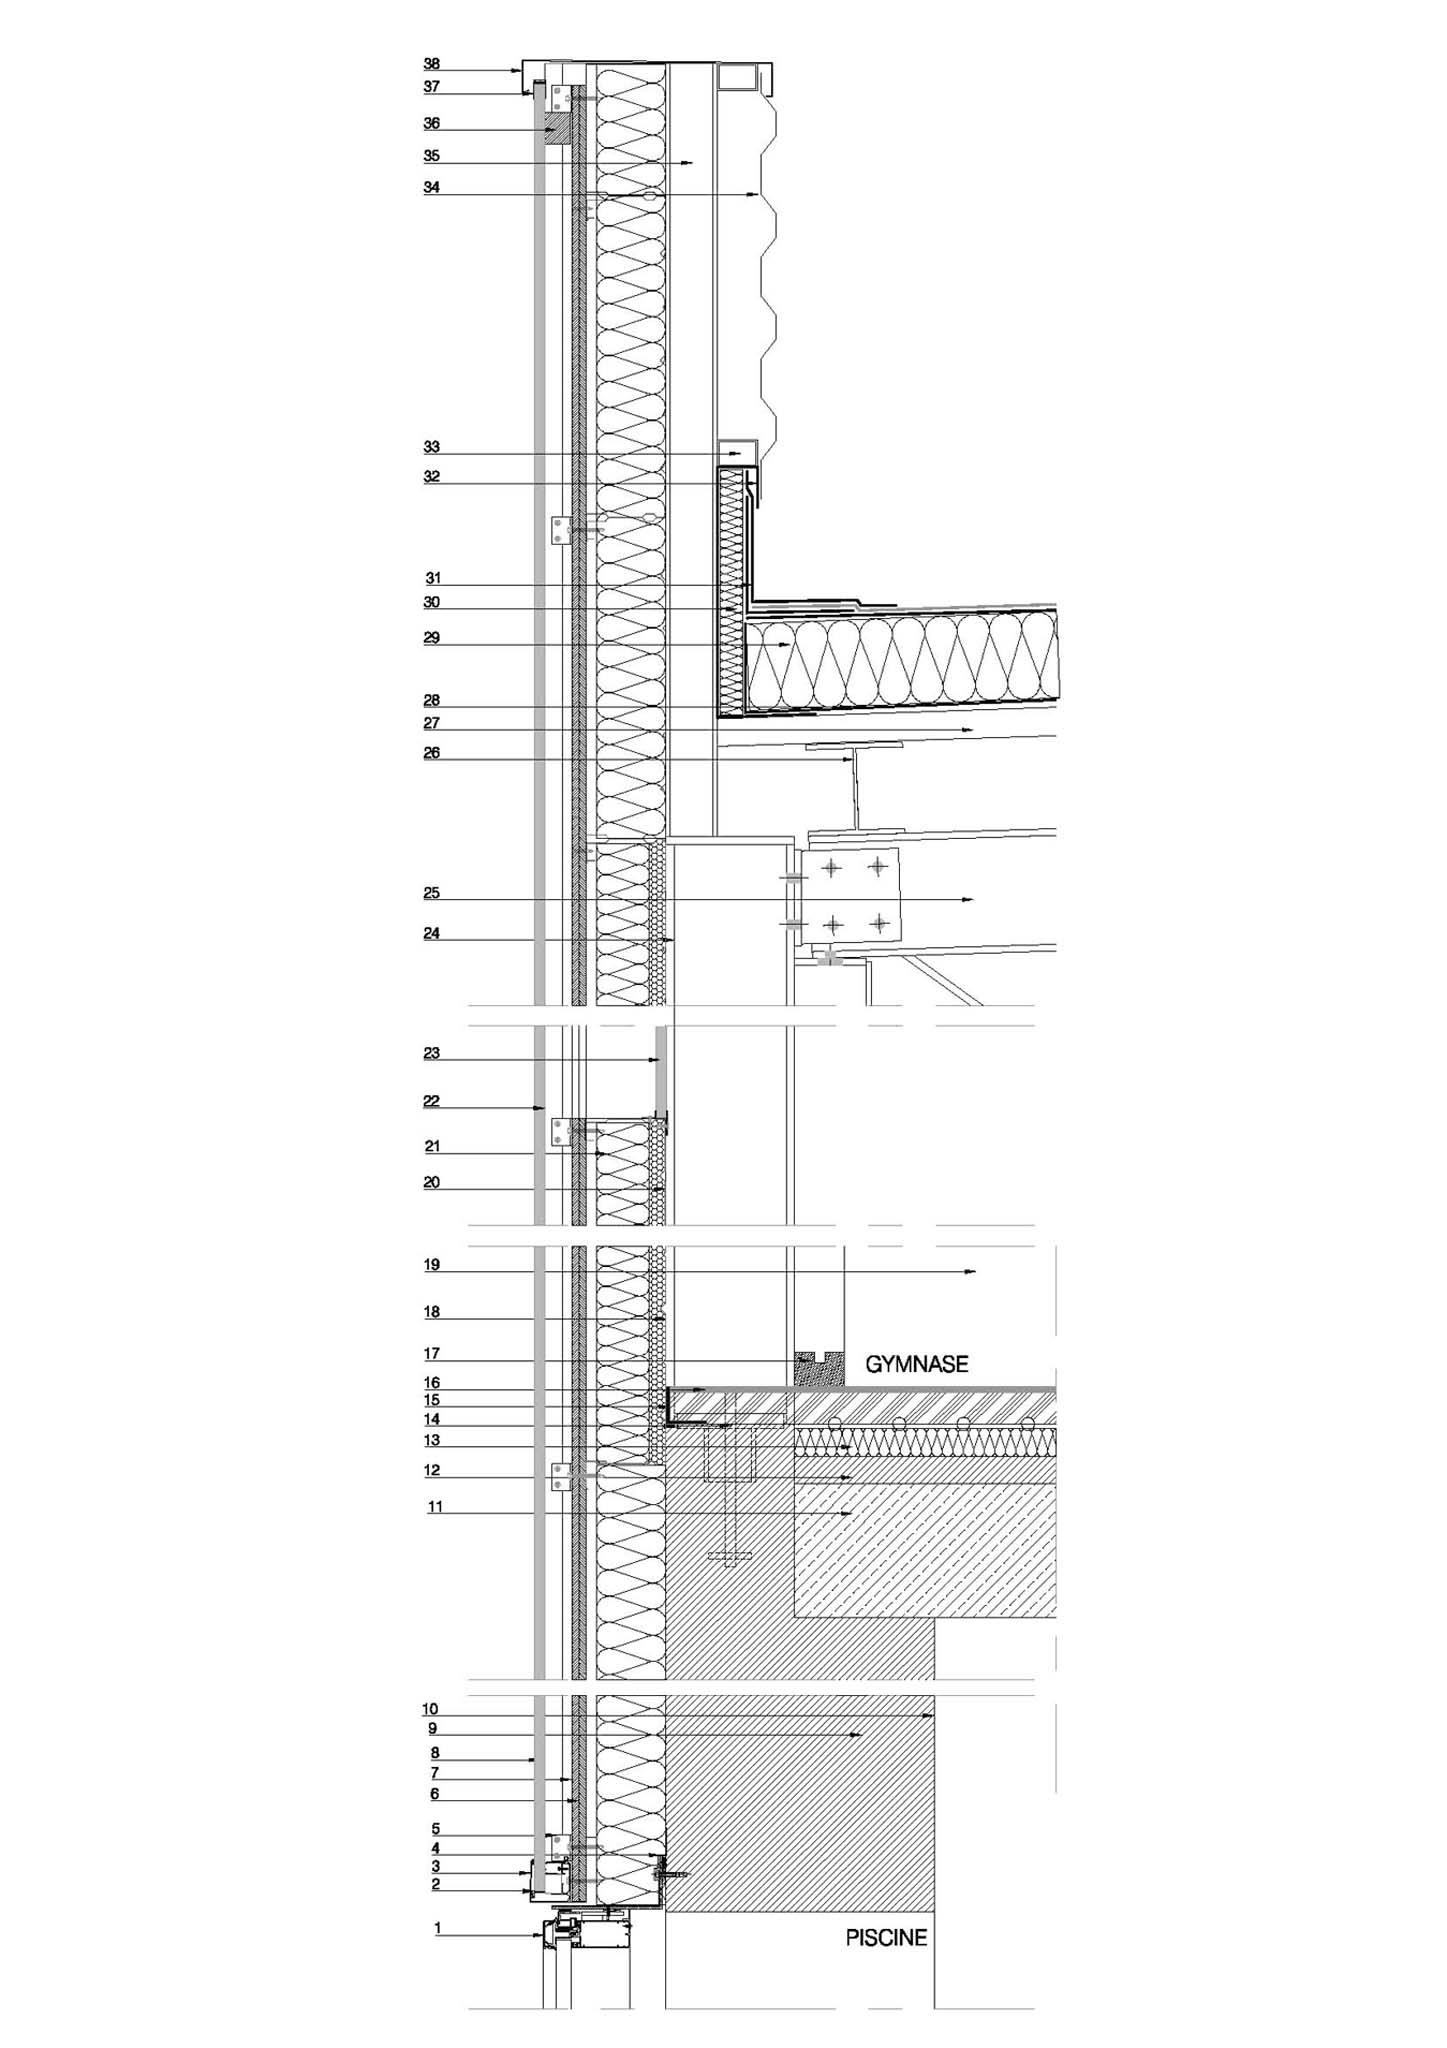 coupe mur rideau id es d 39 images la maison. Black Bedroom Furniture Sets. Home Design Ideas